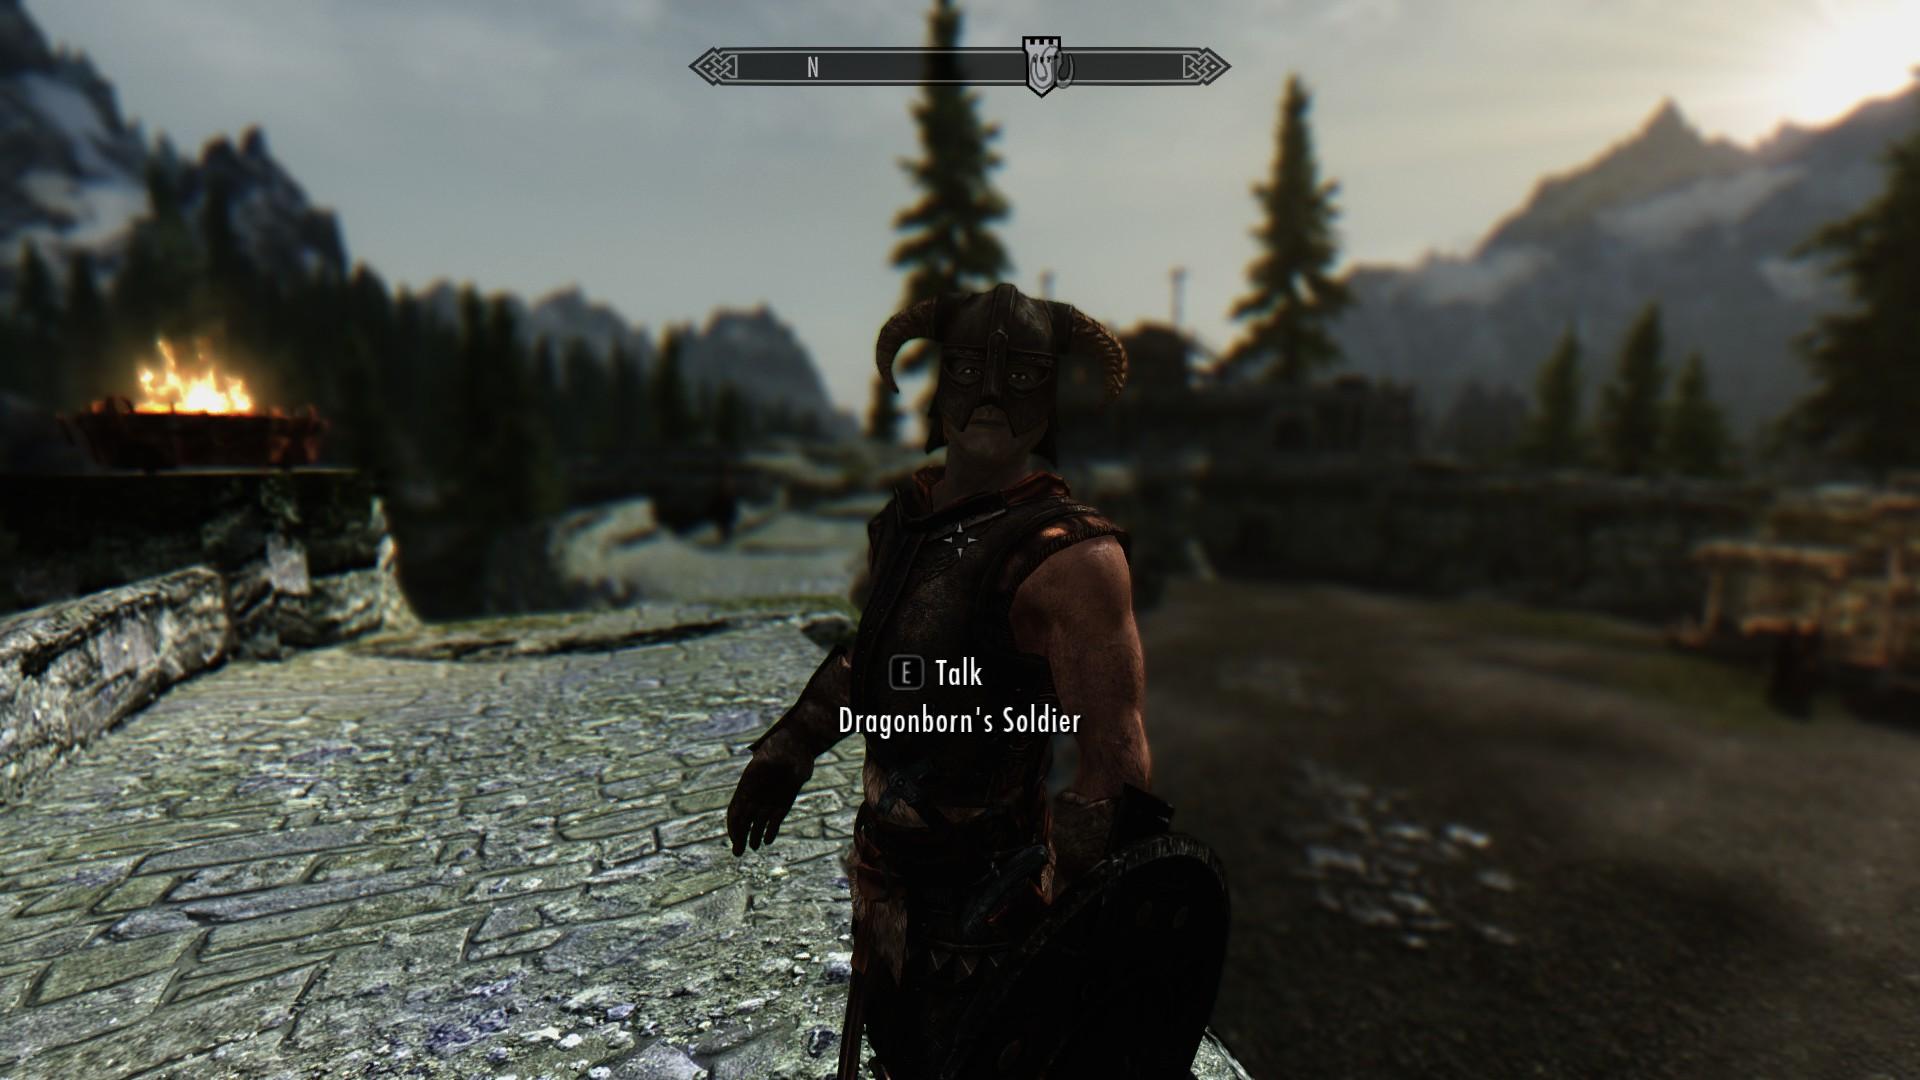 Dragonborn's Soldier